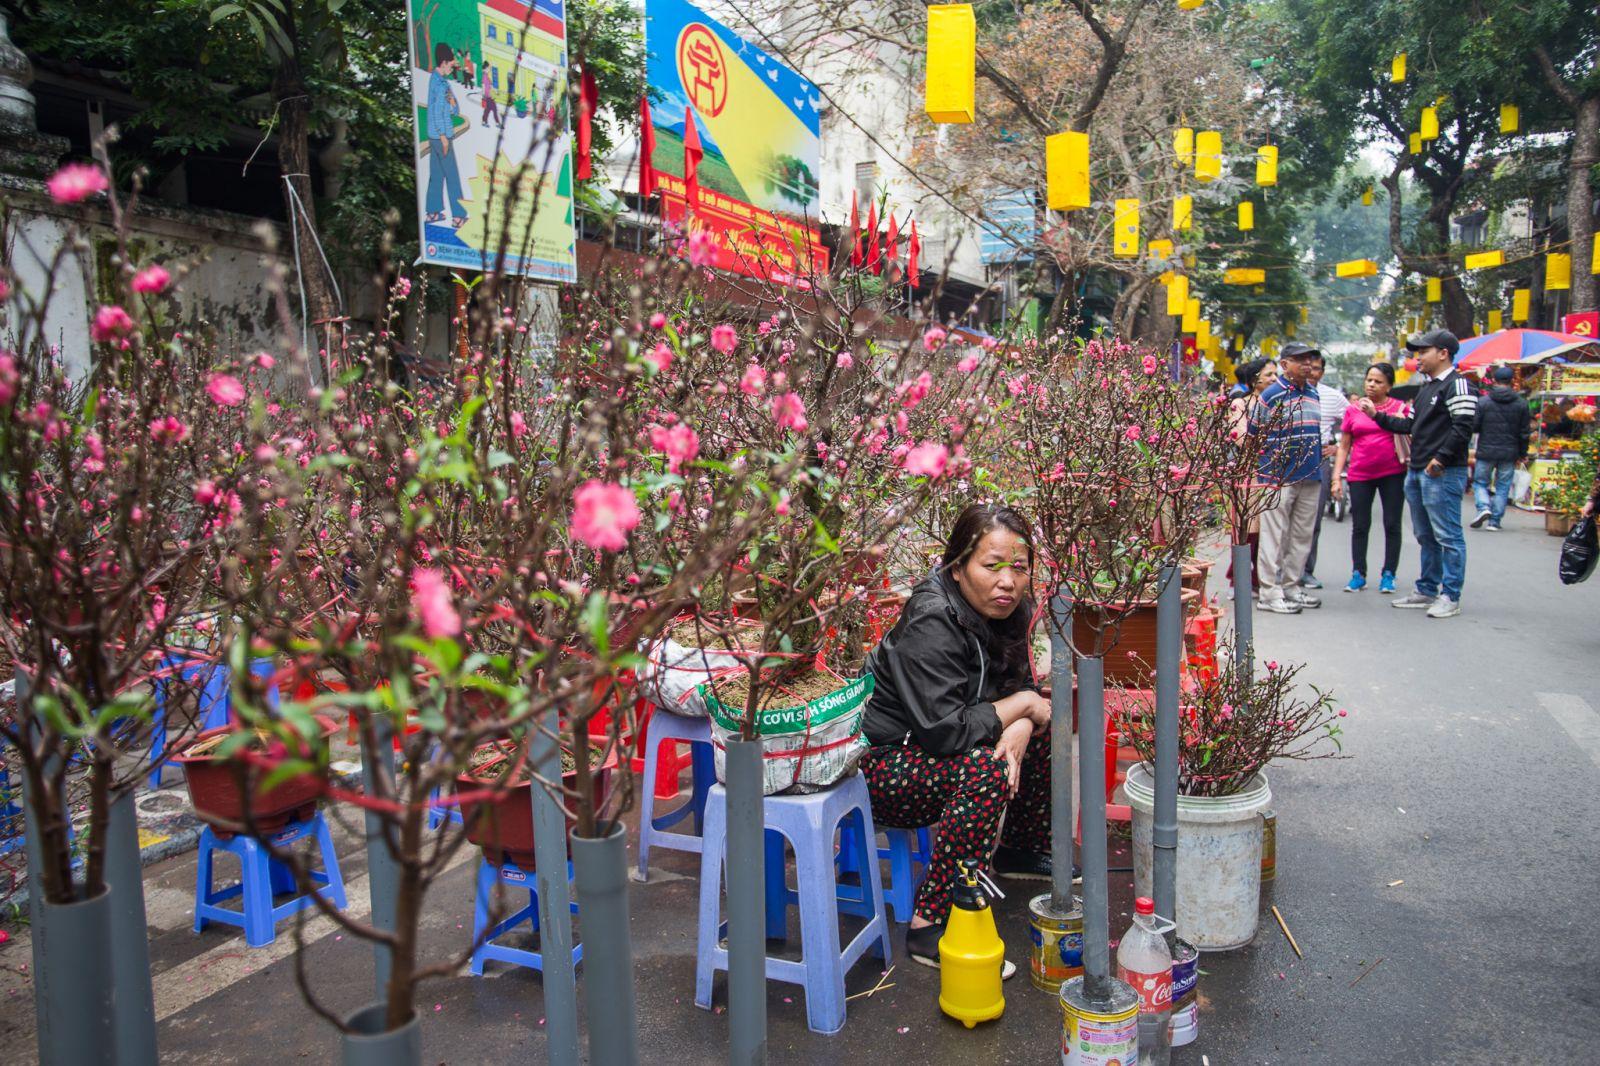 Mỗi dịp Tết đến Xuân về, người dân ở các làng Ngọc Hà, Nhật Tân, Tứ Liên, Quảng Bá... mang hoa đào, quất và các loại cây cảnh khác tới đây tụ họp.